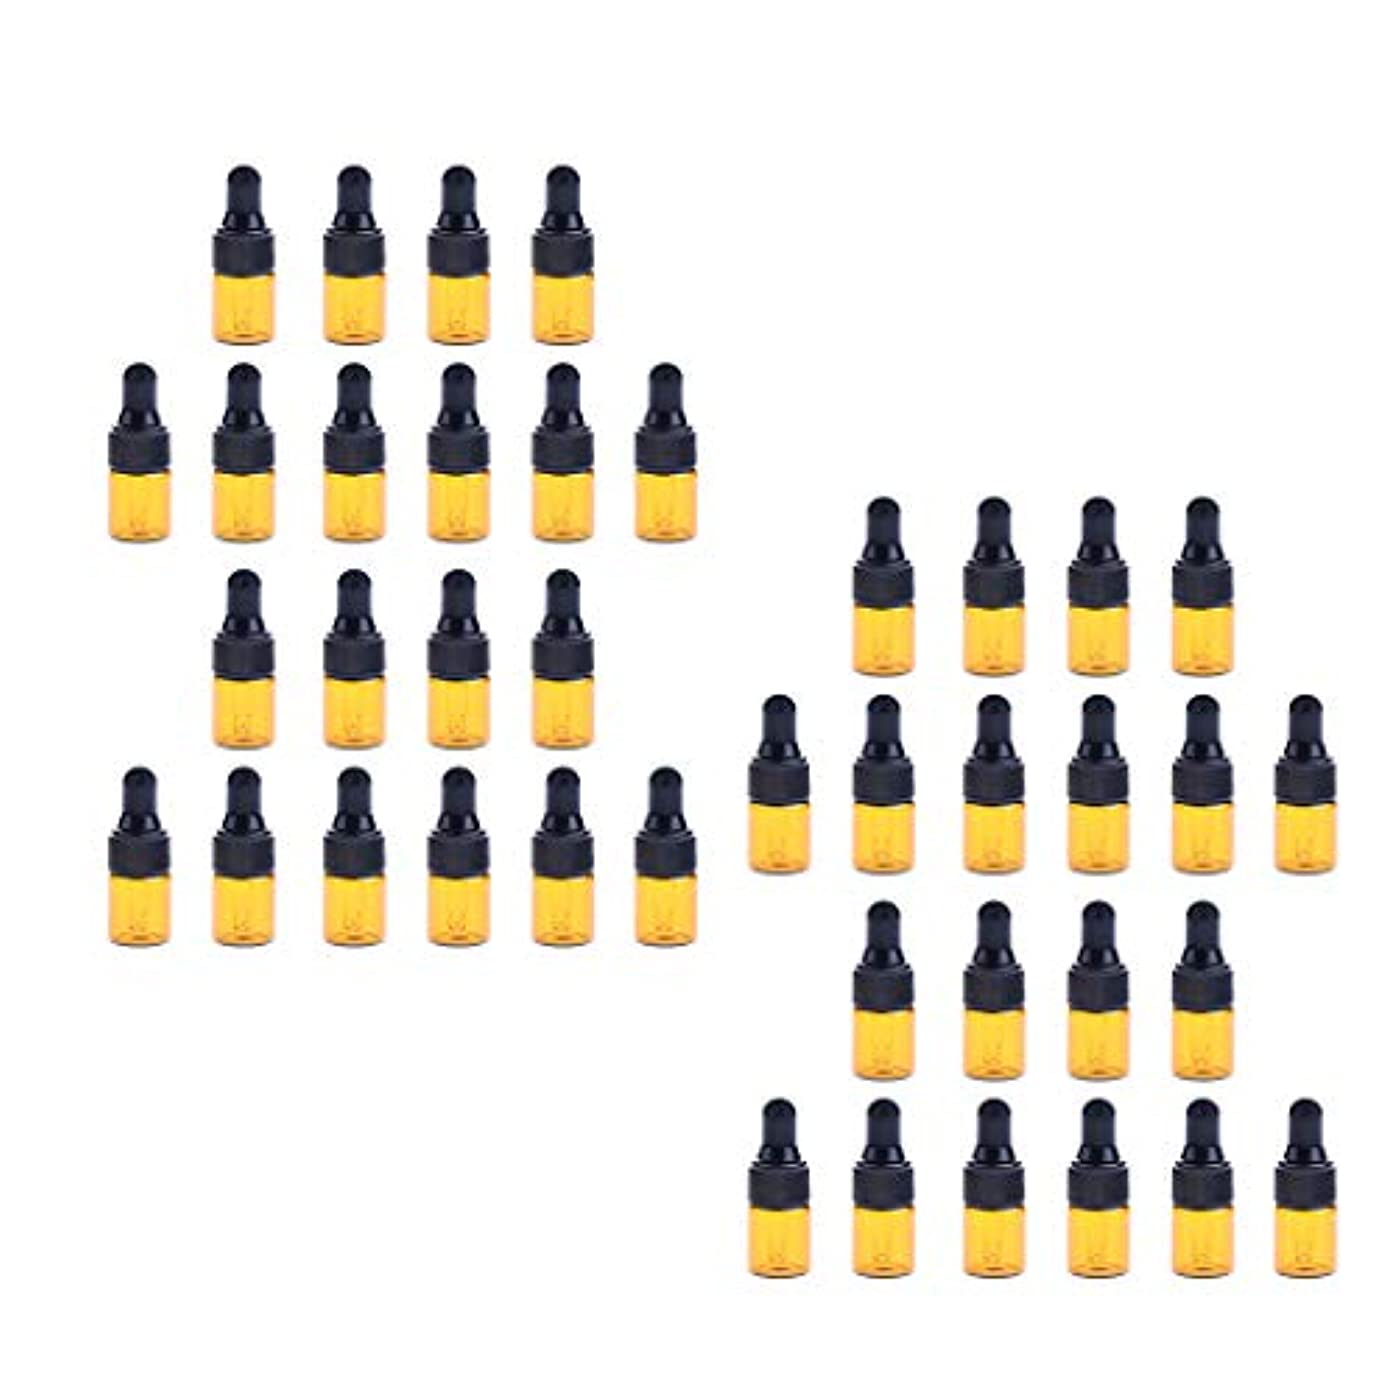 ビット厚くする観点chiwanji 40個入 ドロッパーボトル ガラス瓶 エッセンシャルオイル 精油 保存容器 詰め替え 小型 1ml /2ml